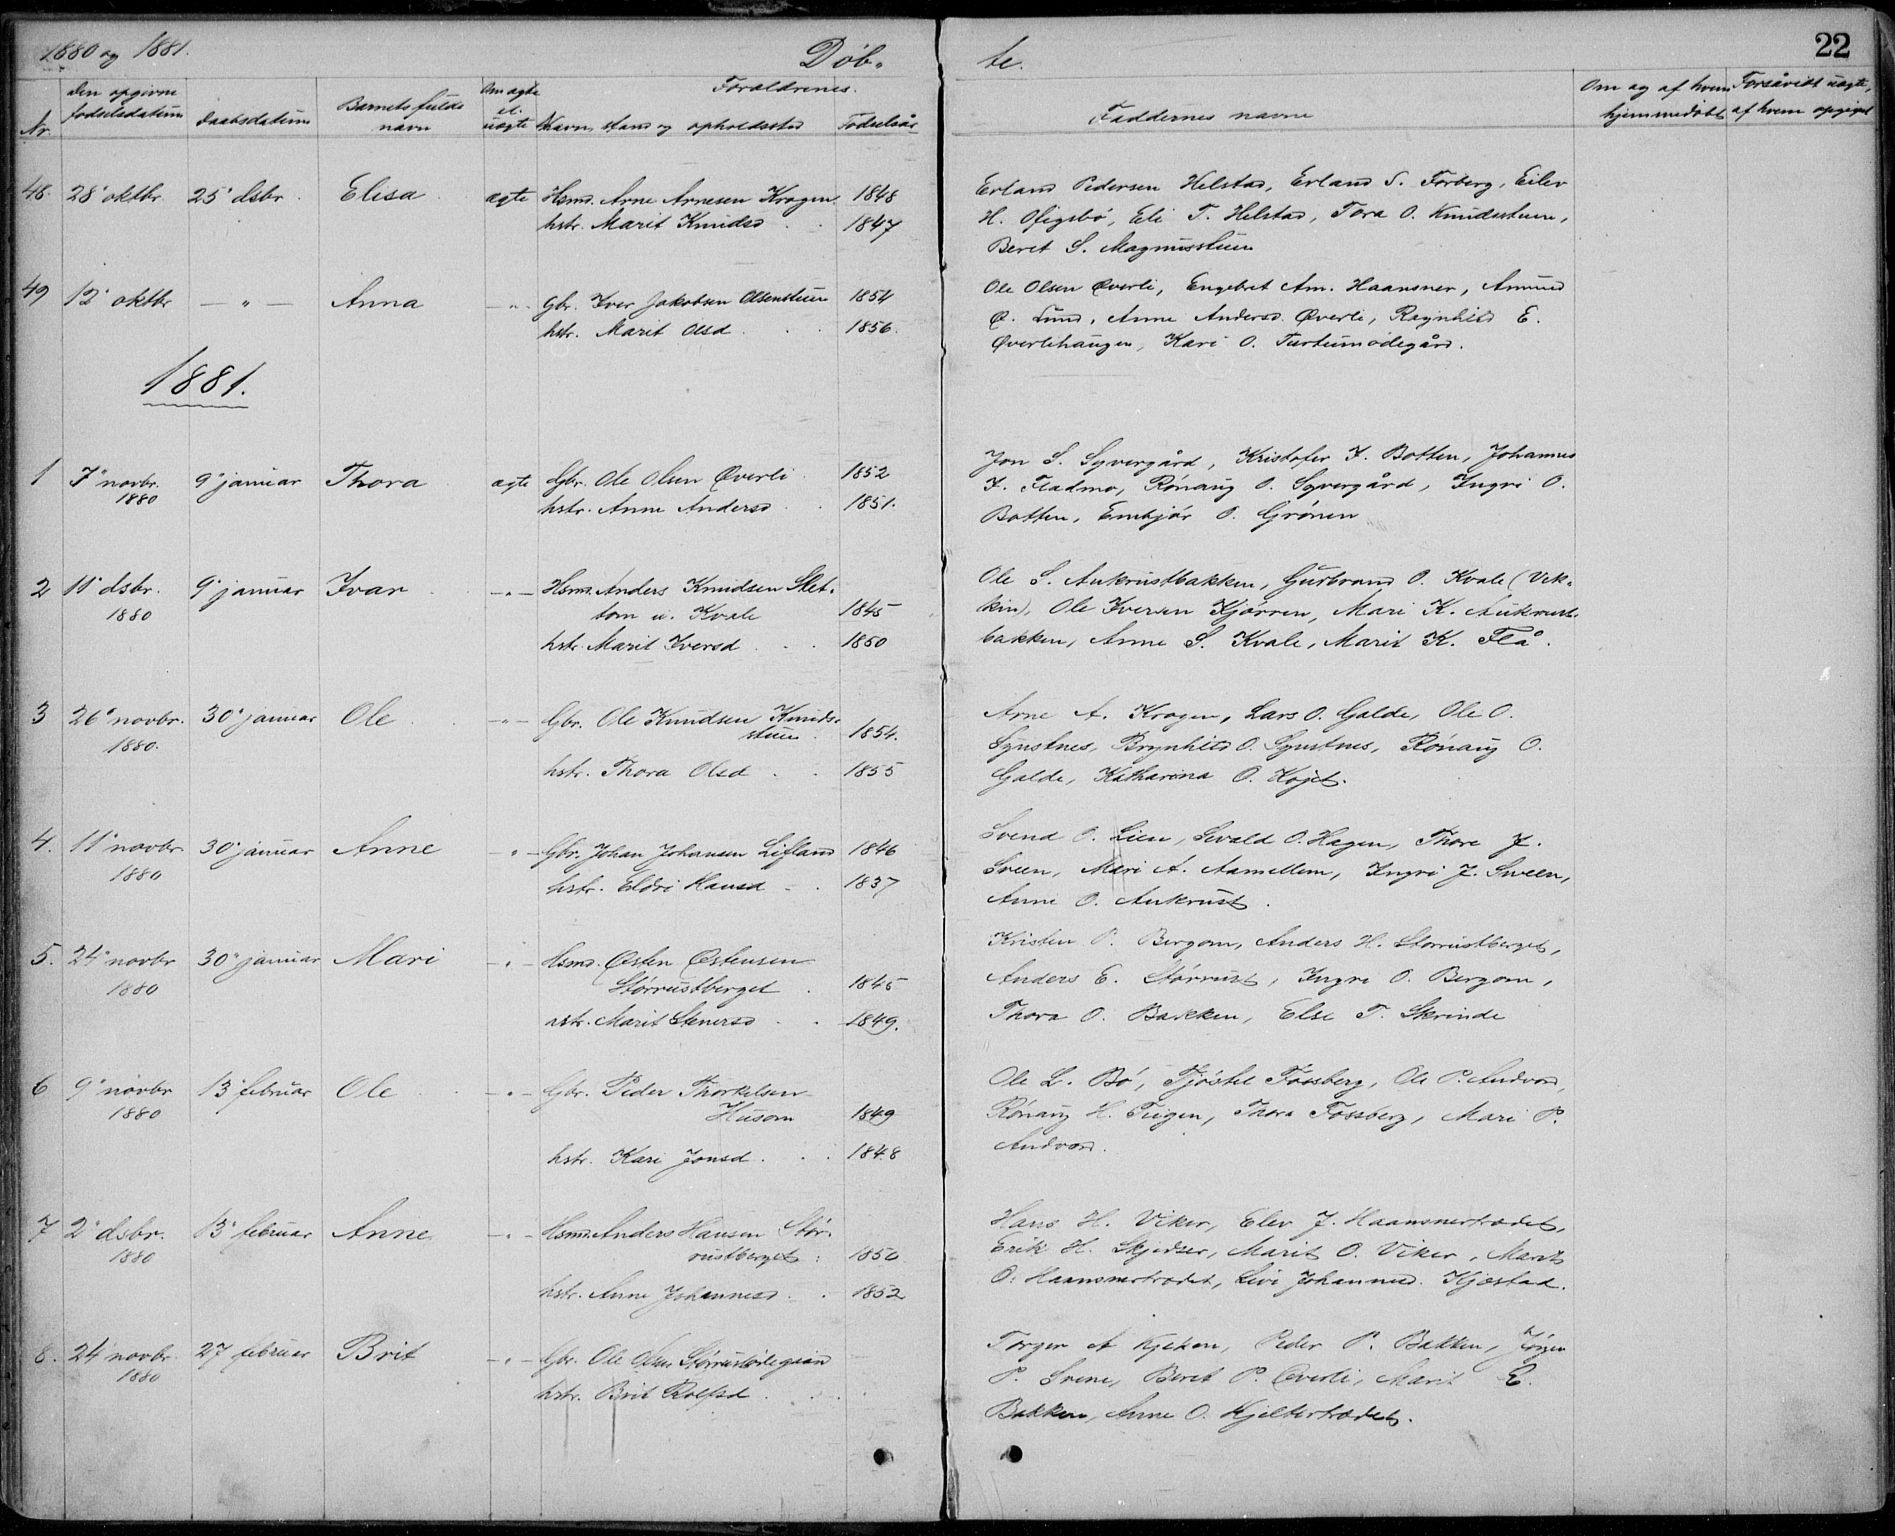 SAH, Lom prestekontor, L/L0013: Klokkerbok nr. 13, 1874-1938, s. 22